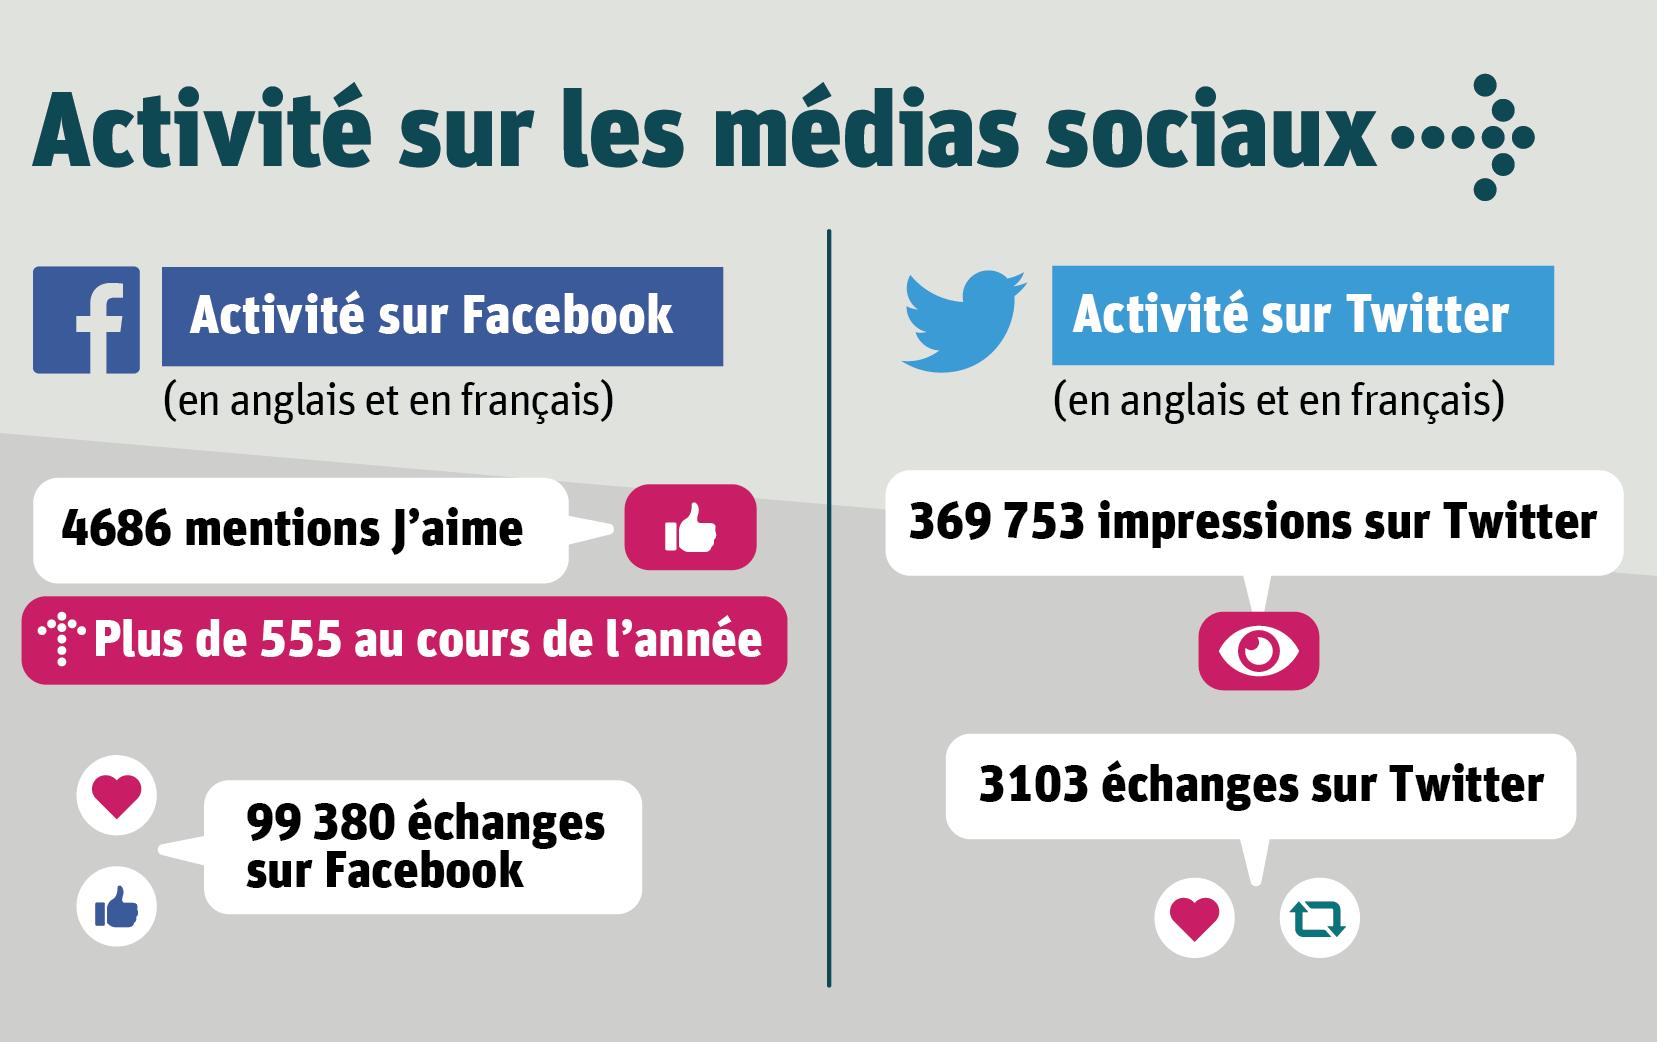 Activité sur les médias sociaux